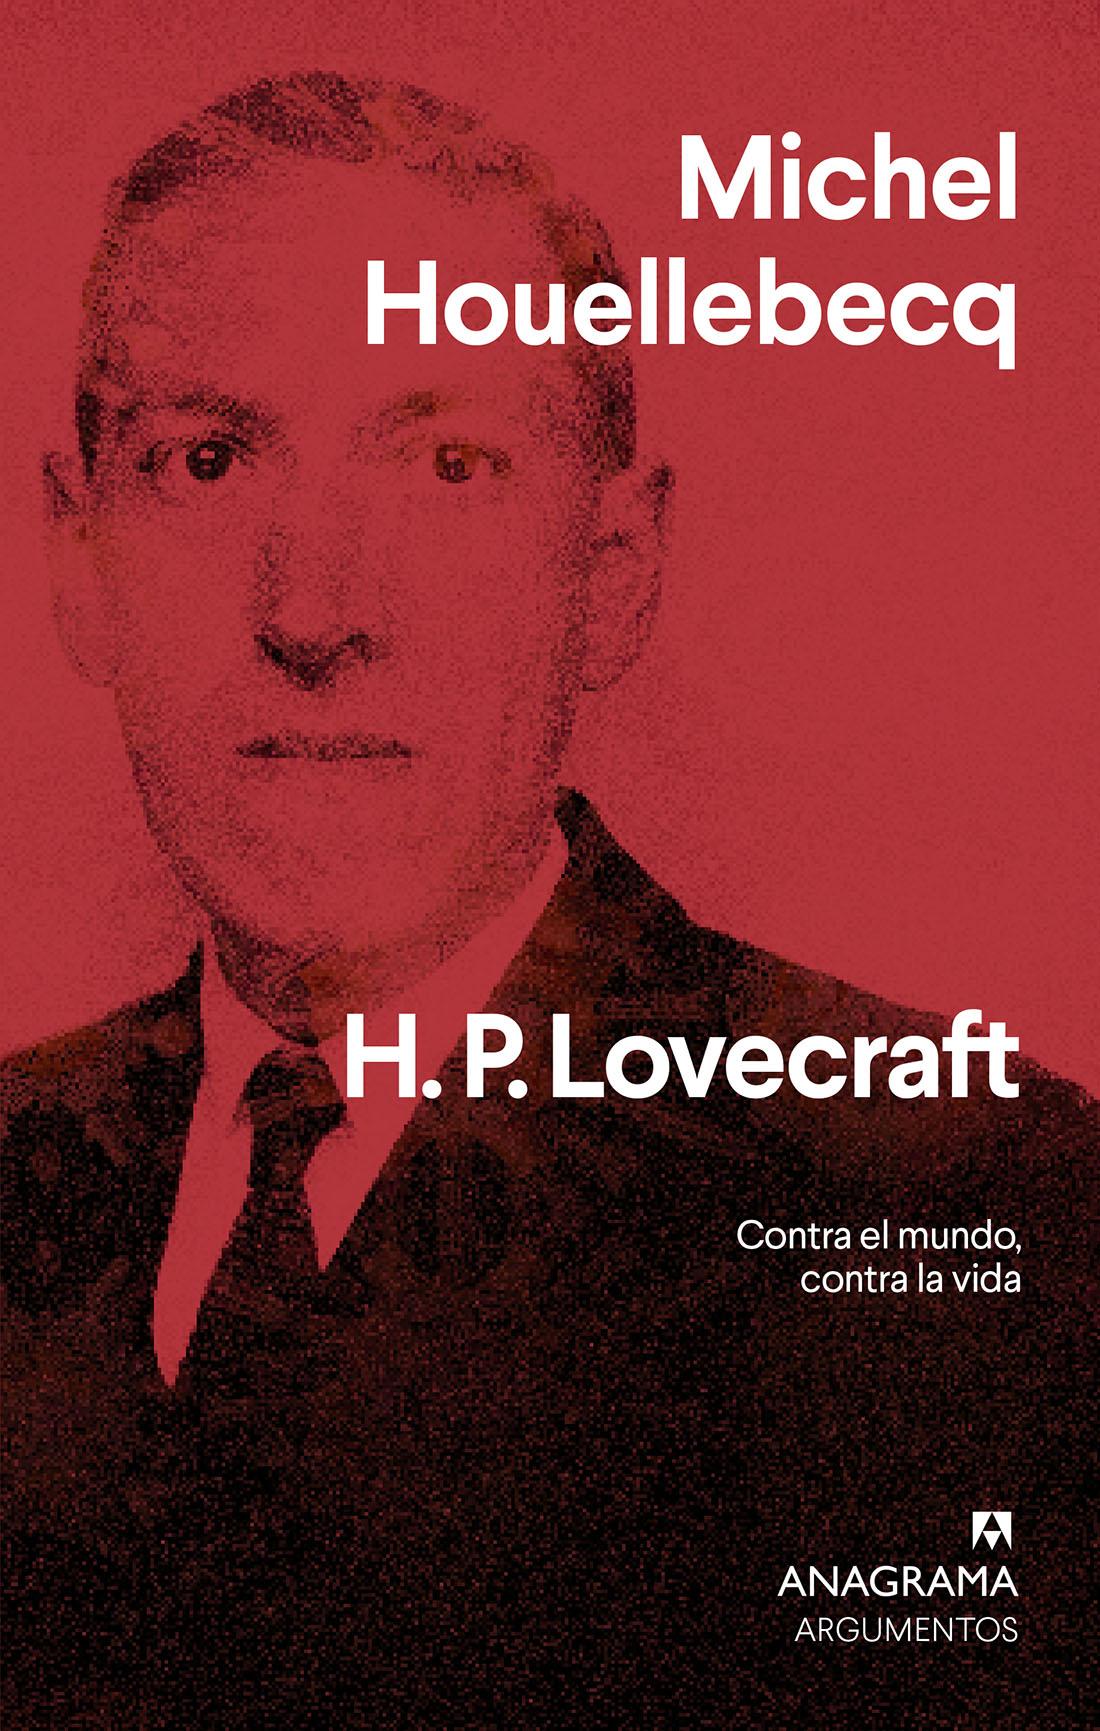 H. P. Lovecraft - Houellebecq Michel